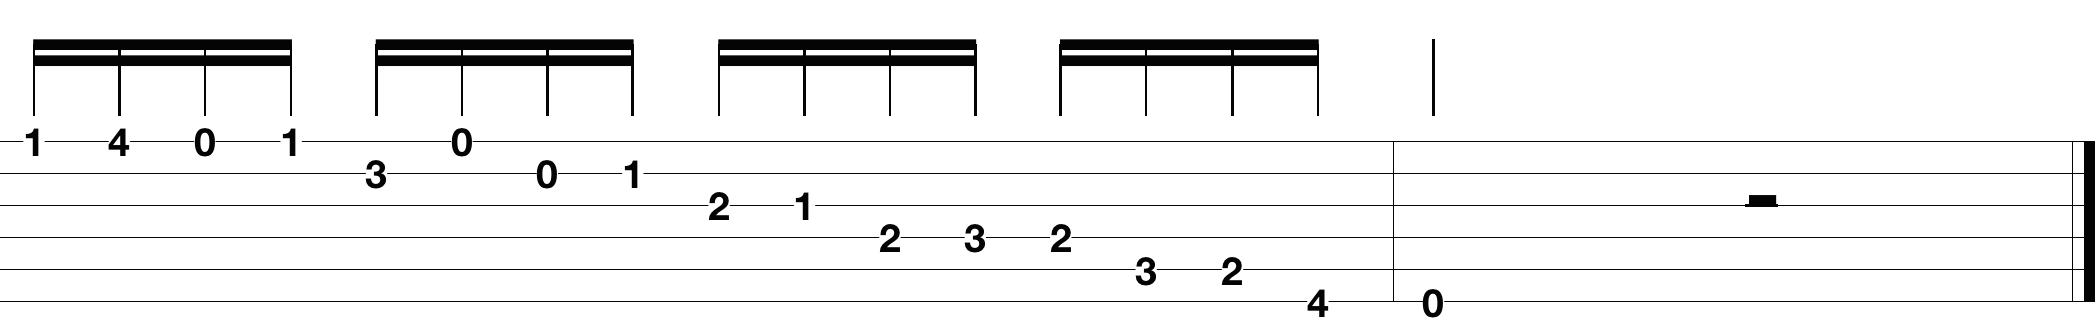 spanish-guitar-licks_3.png